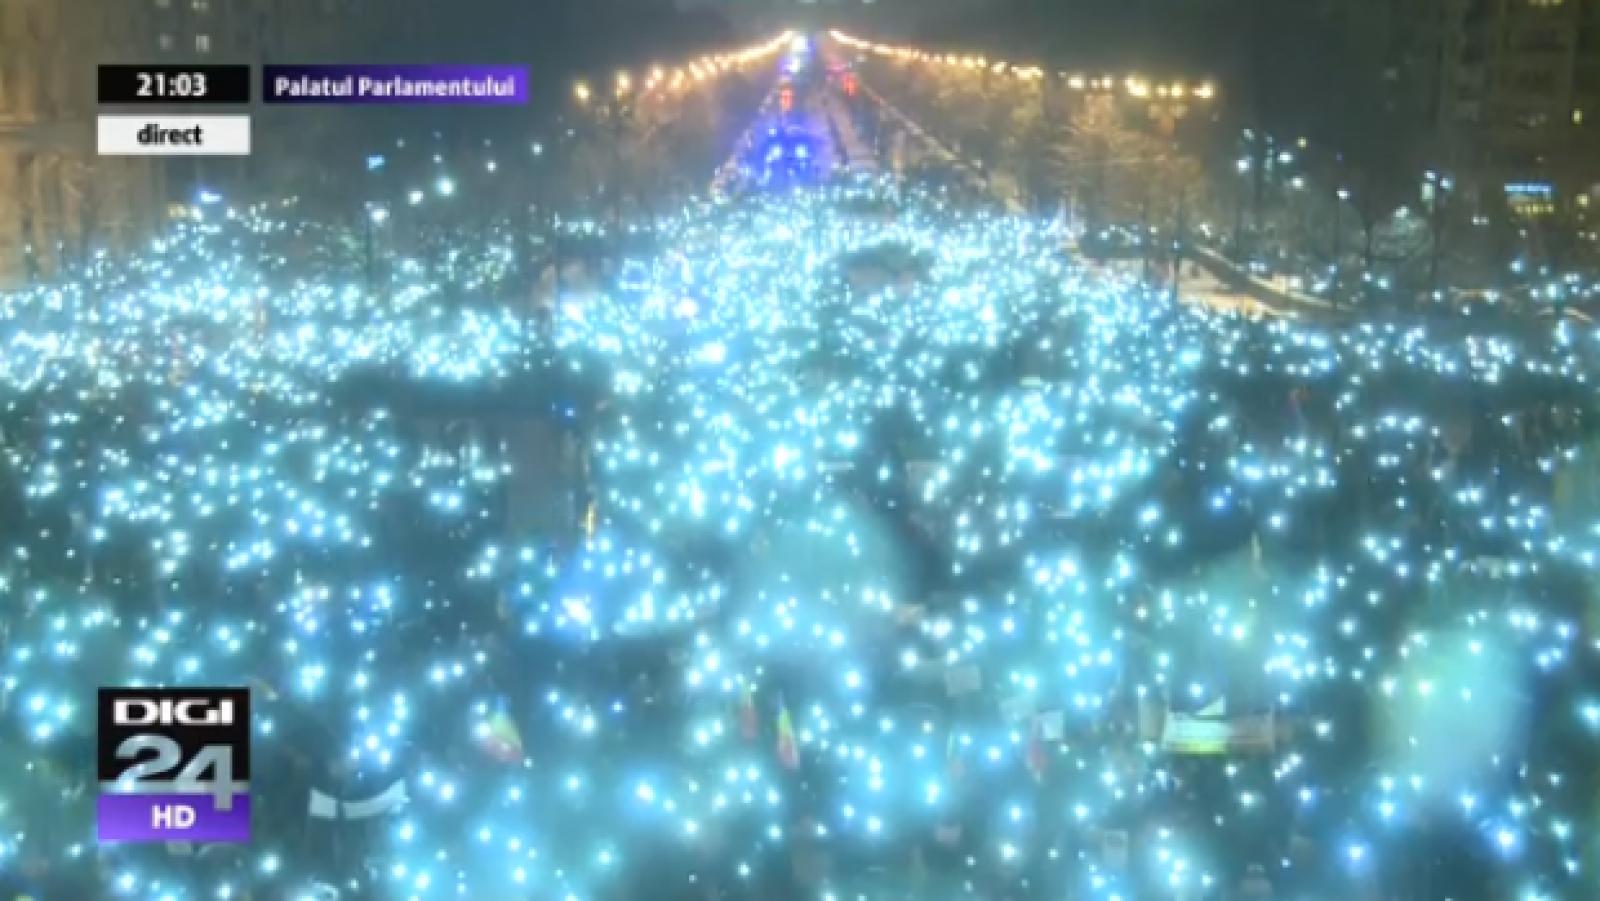 (video) Momentul culminant al protestului masiv de la București: cei peste 60 de mii de oameni aprind lumini